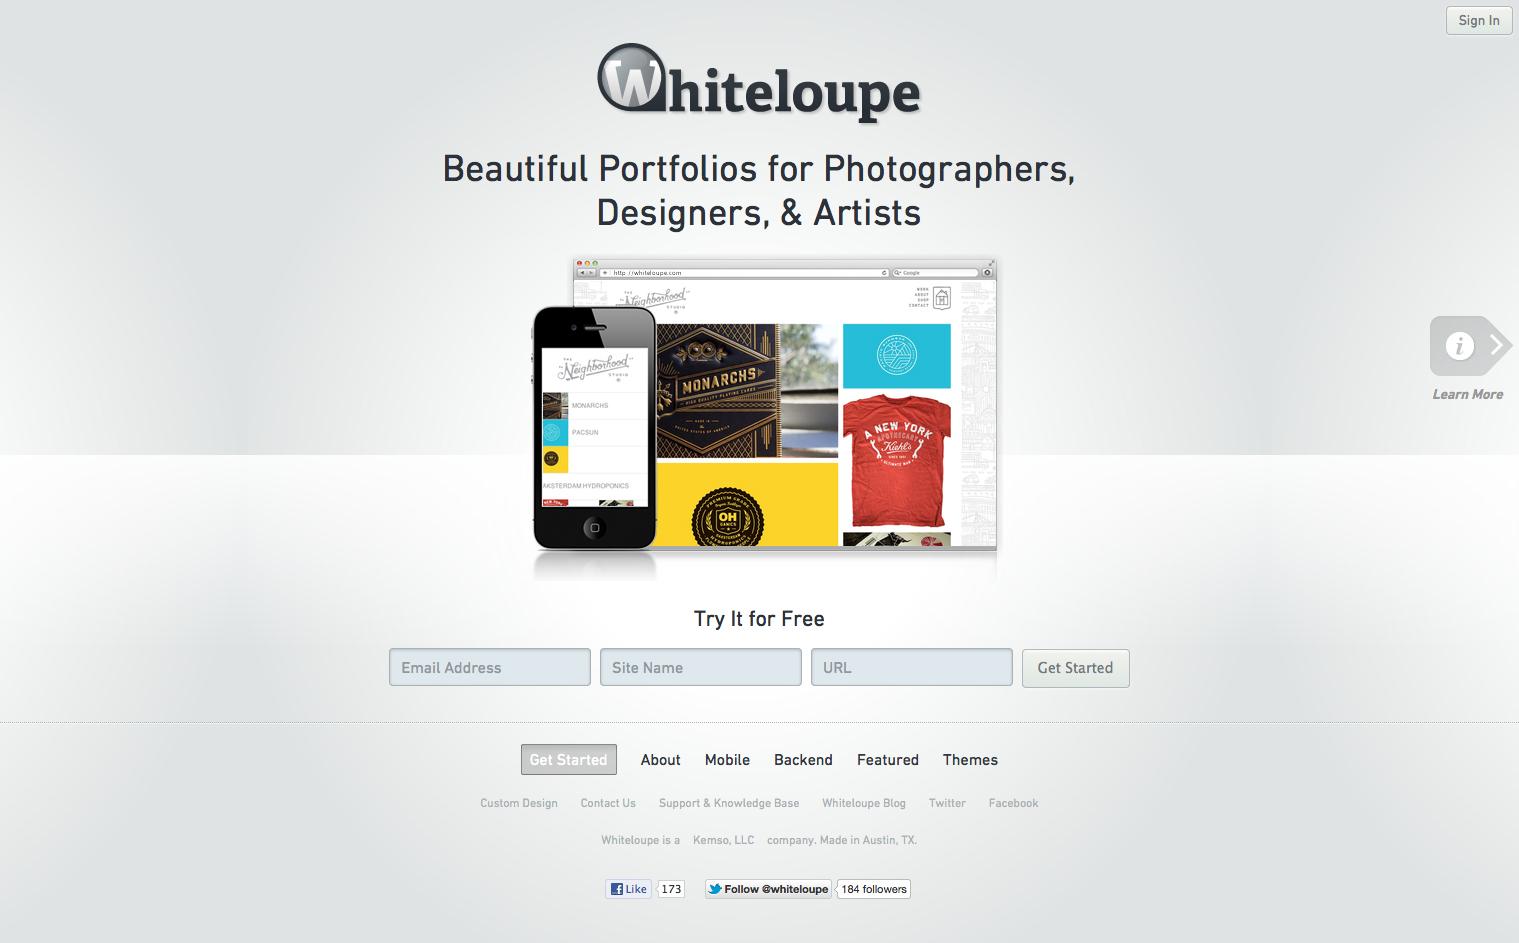 Whiteloupe